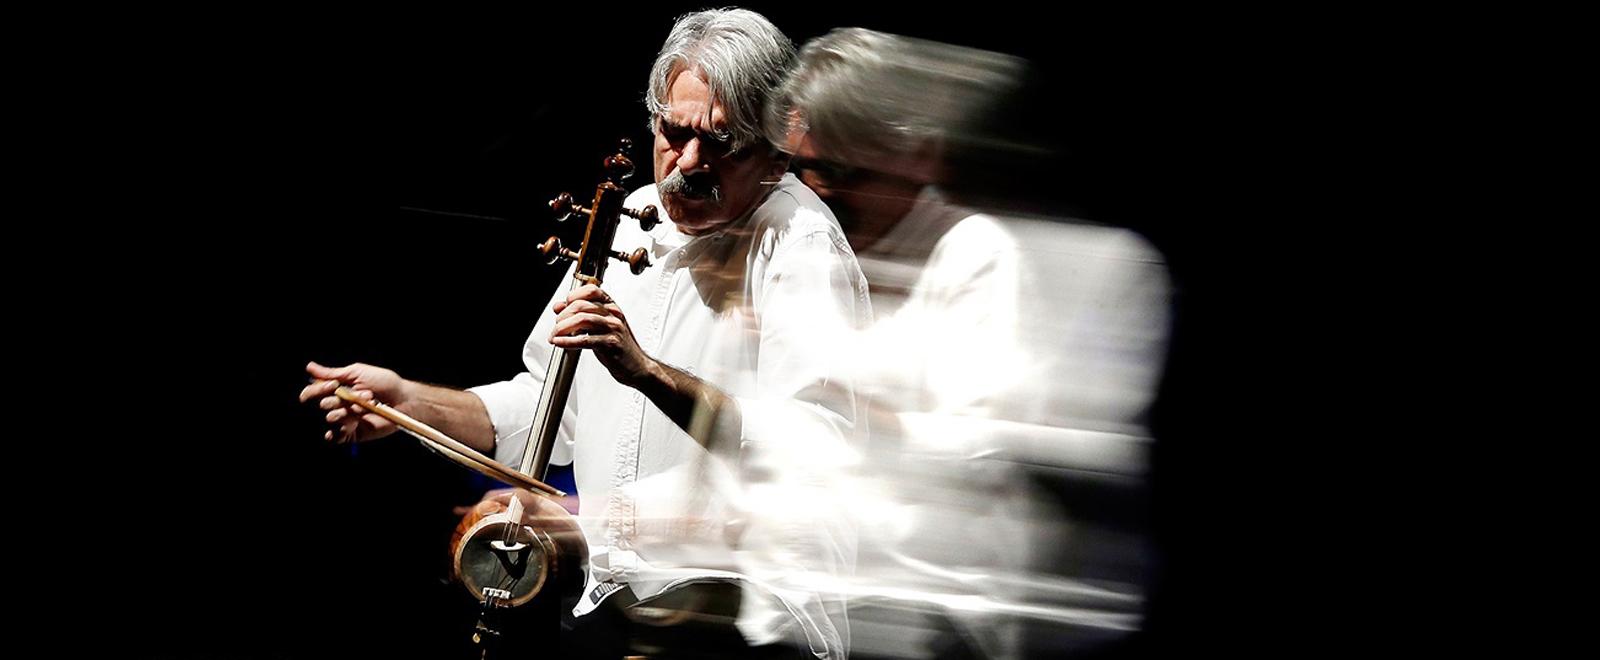 کیهان کلهر مرد سال موسیقی شد